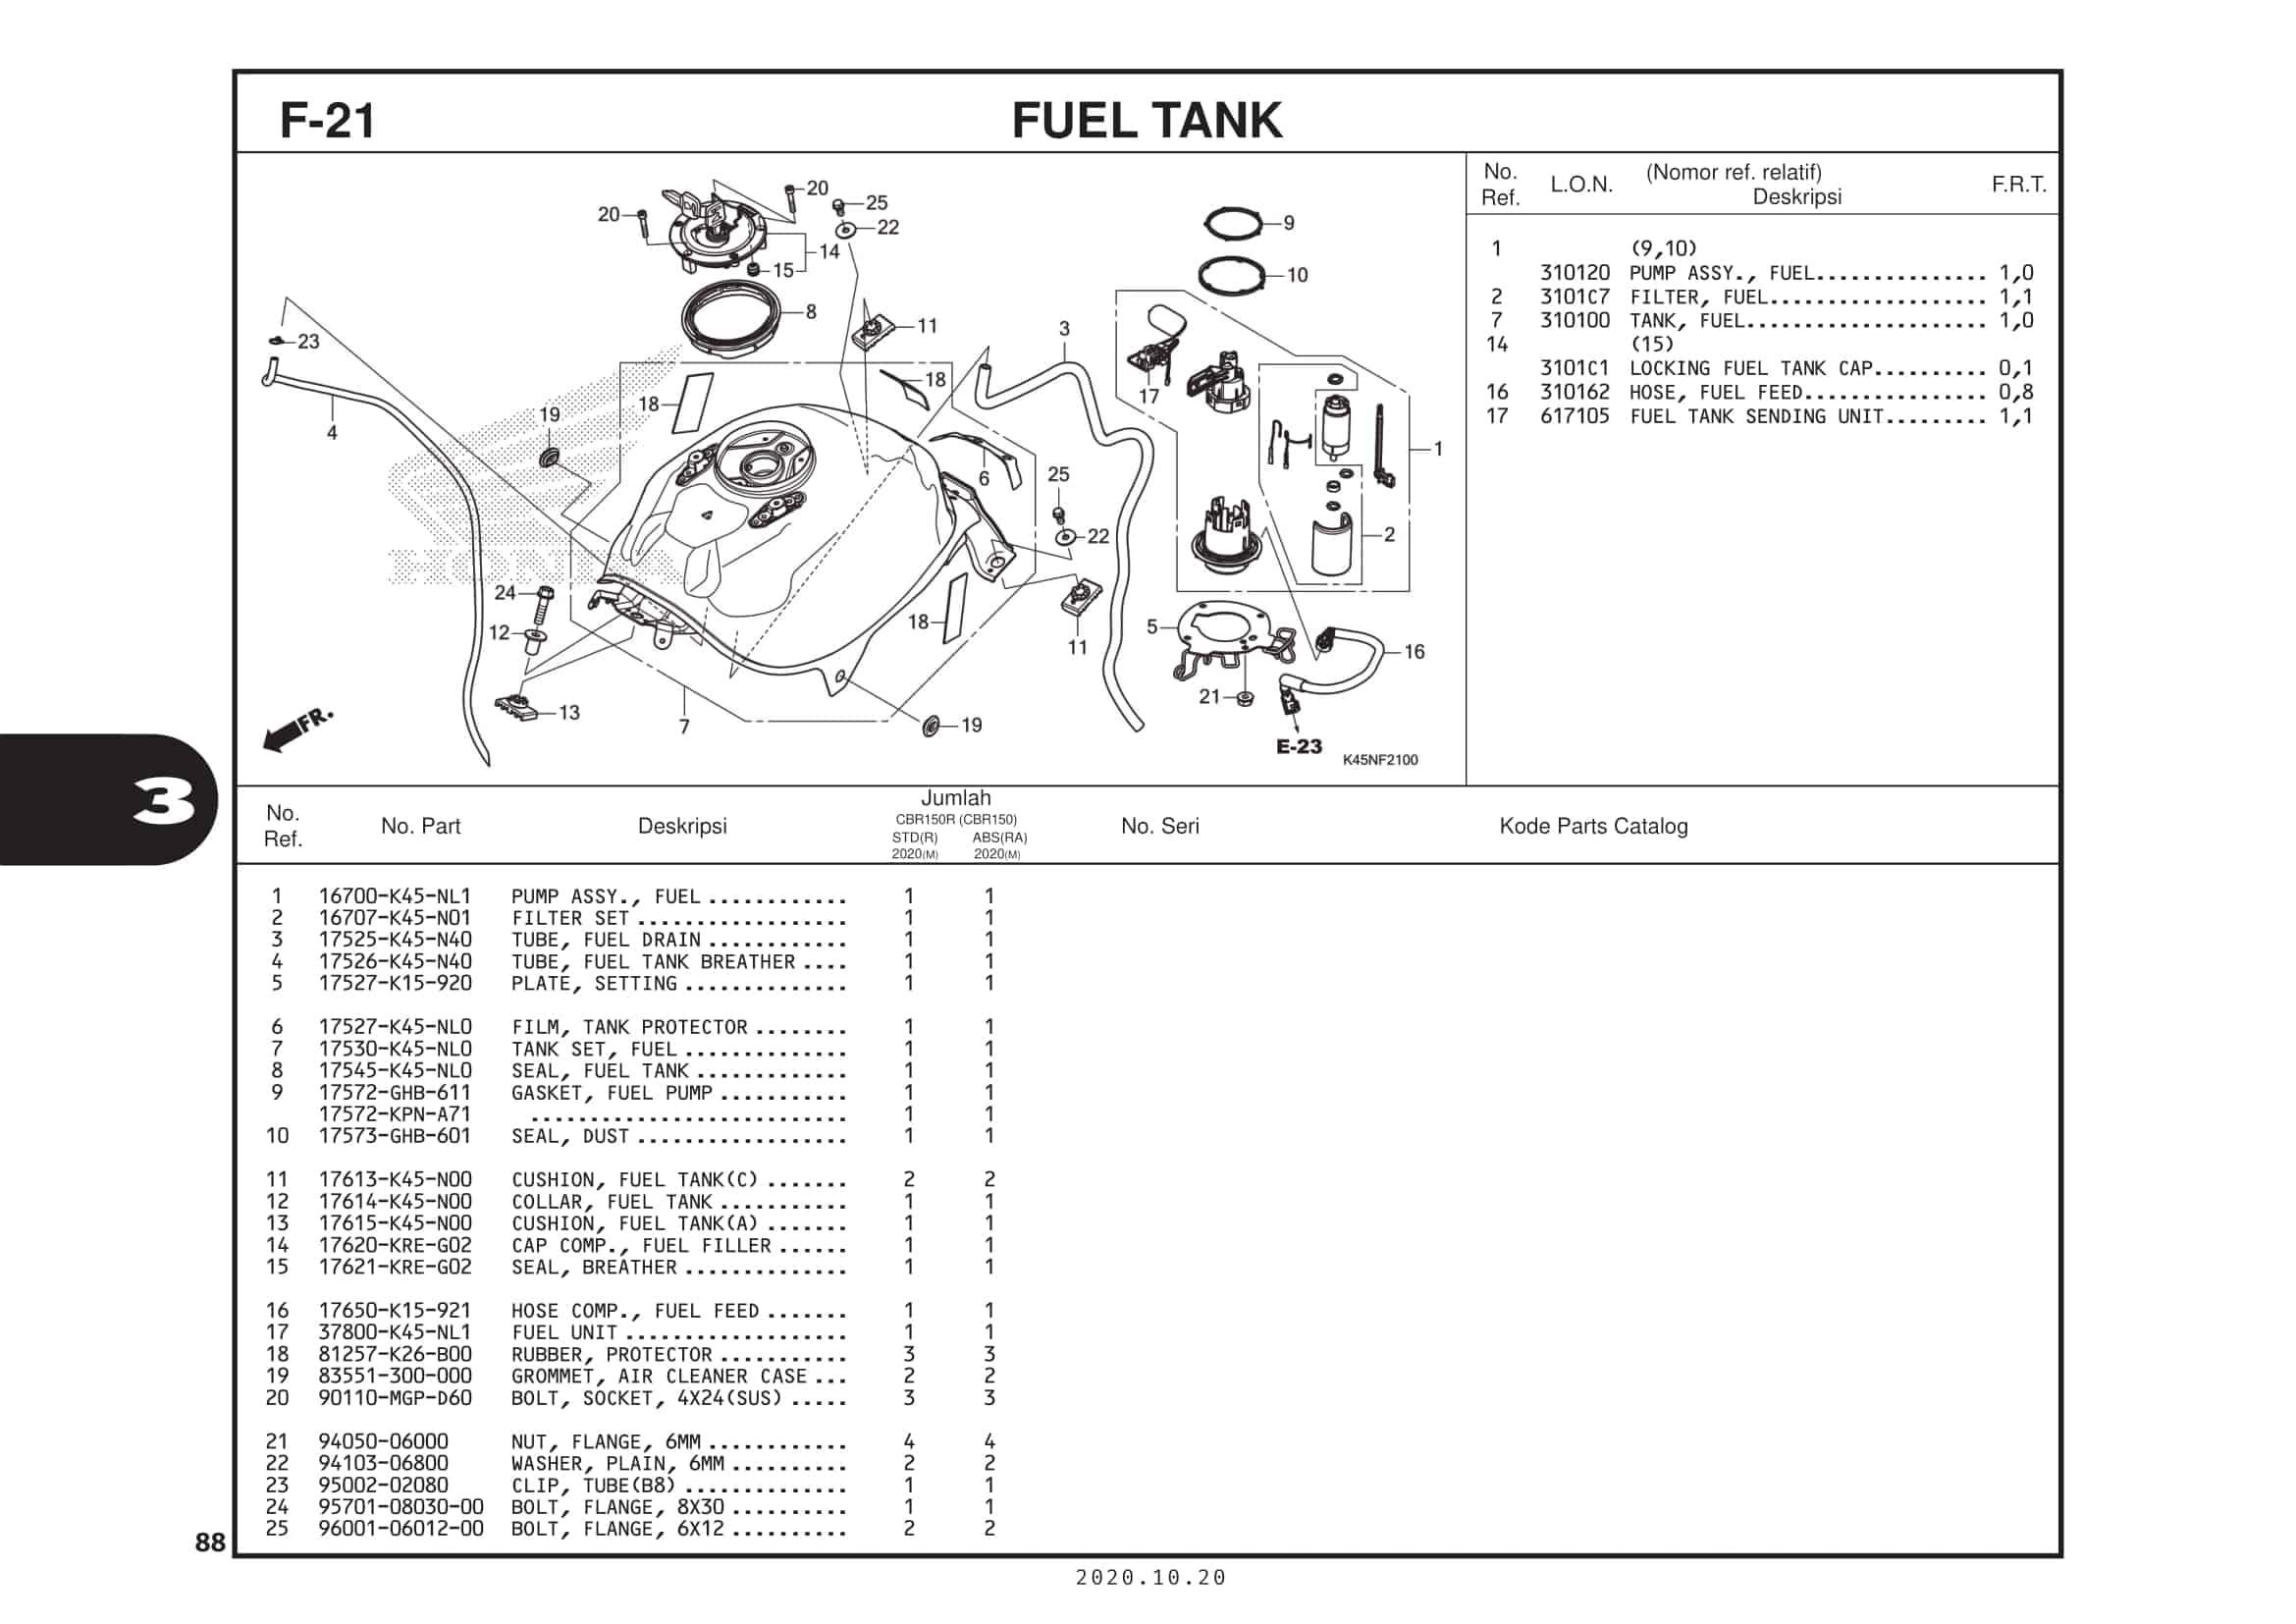 F-21 Fuel Tank